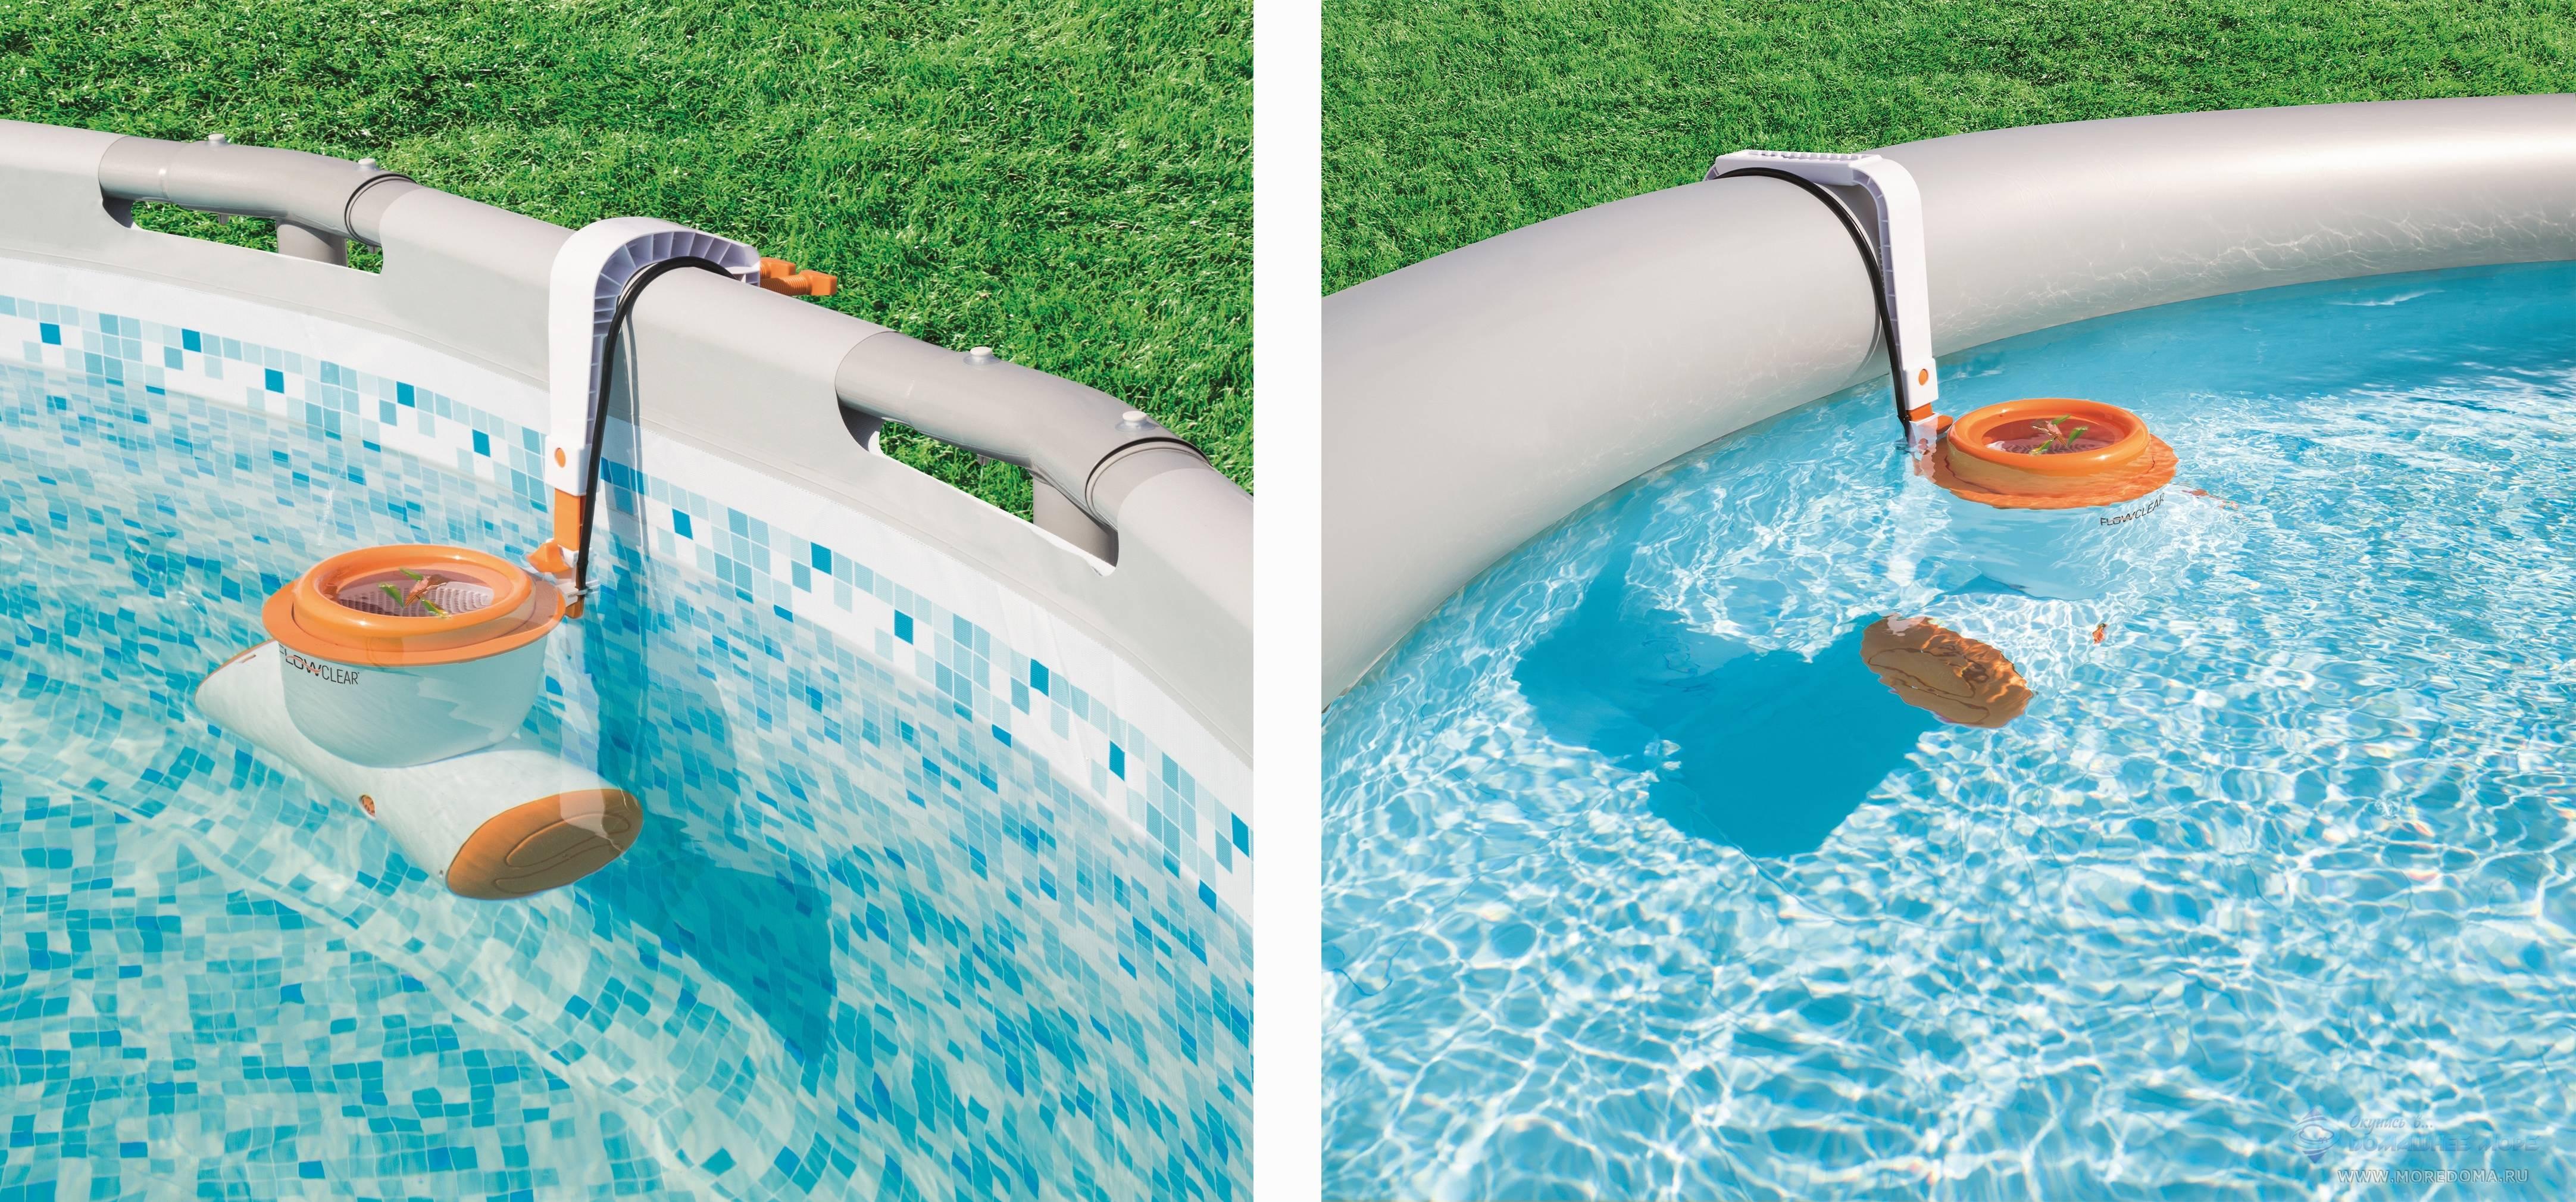 Фильтр для бассейна: виды, какой выбрать, обслуживание и ремонт